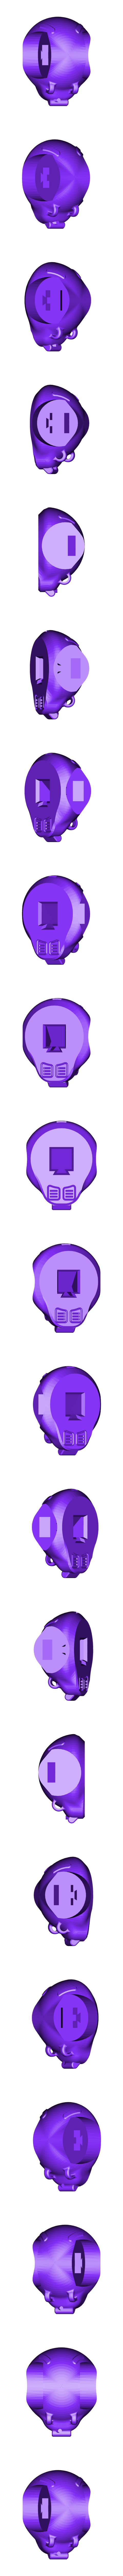 body.STL Télécharger fichier STL gratuit Gorbo Tankoped • Objet à imprimer en 3D, Steyrc